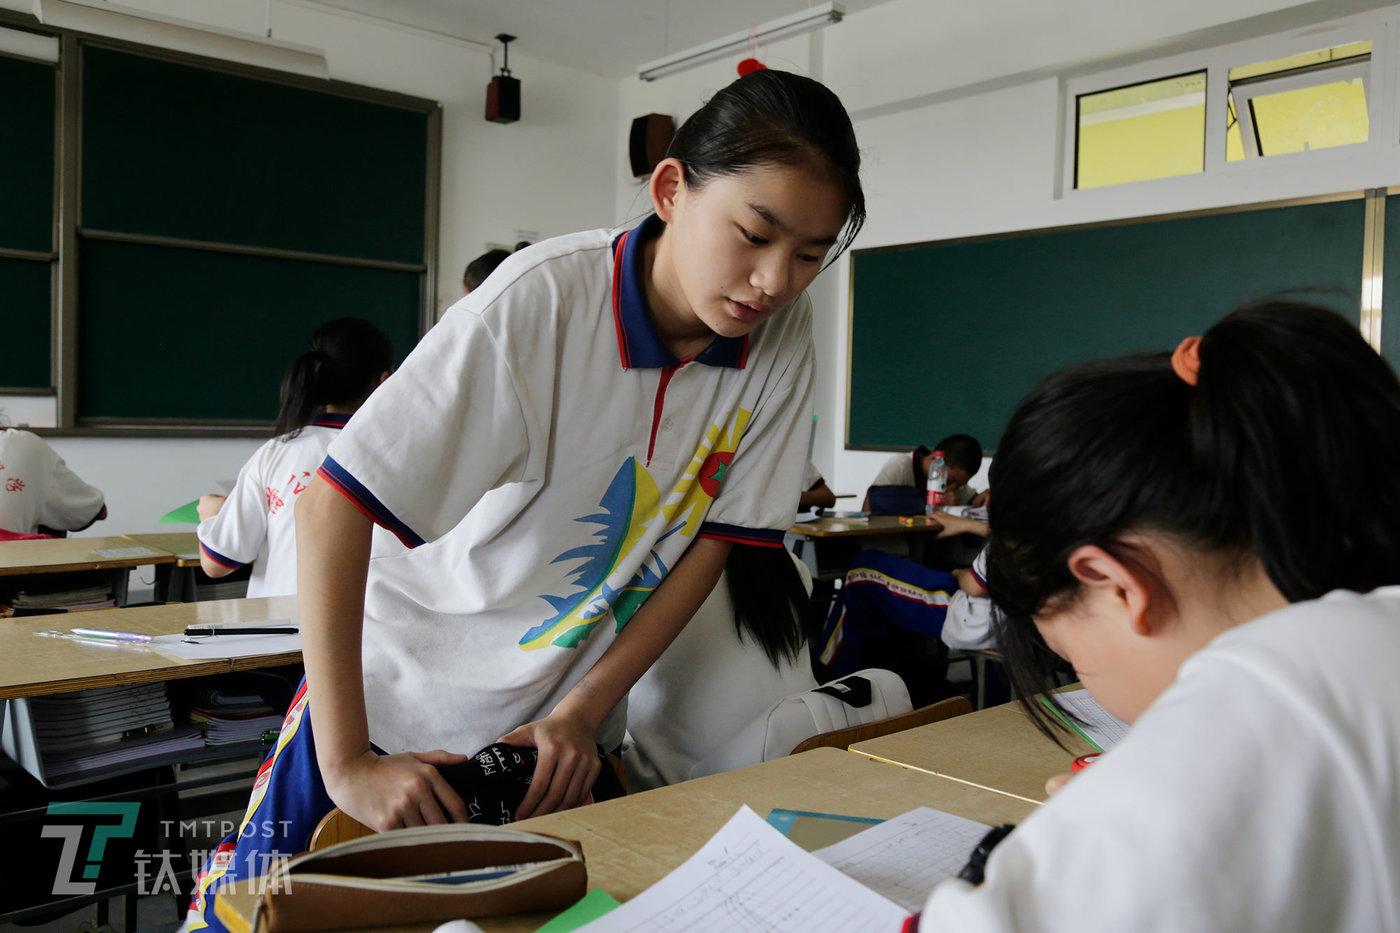 9月5日,蒲公英广东快三,曾祺在课间休息。